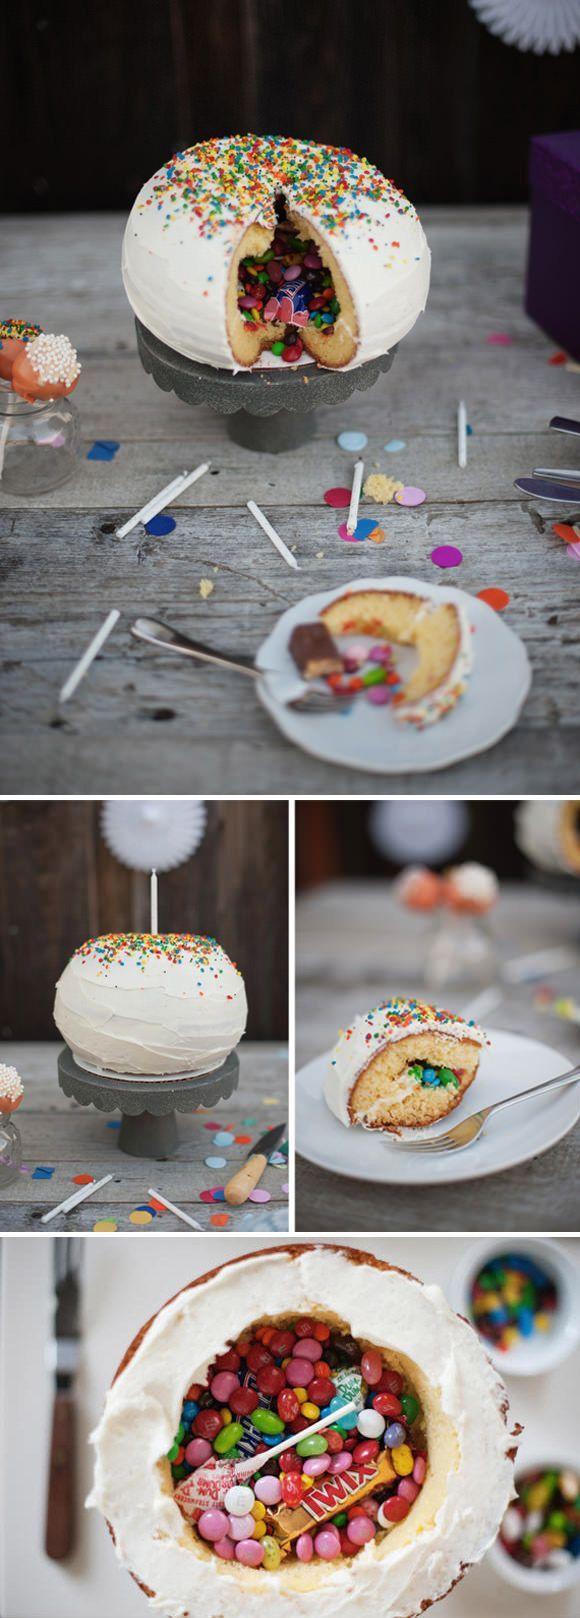 #DIY #Pinata #Cake http://www.kidsdinge.com https://www.facebook.com/pages/kidsdingecom-Origineel-speelgoed-hebbedingen-voor-hippe-kids/160122710686387?sk=wall http://instagram.com/kidsdinge